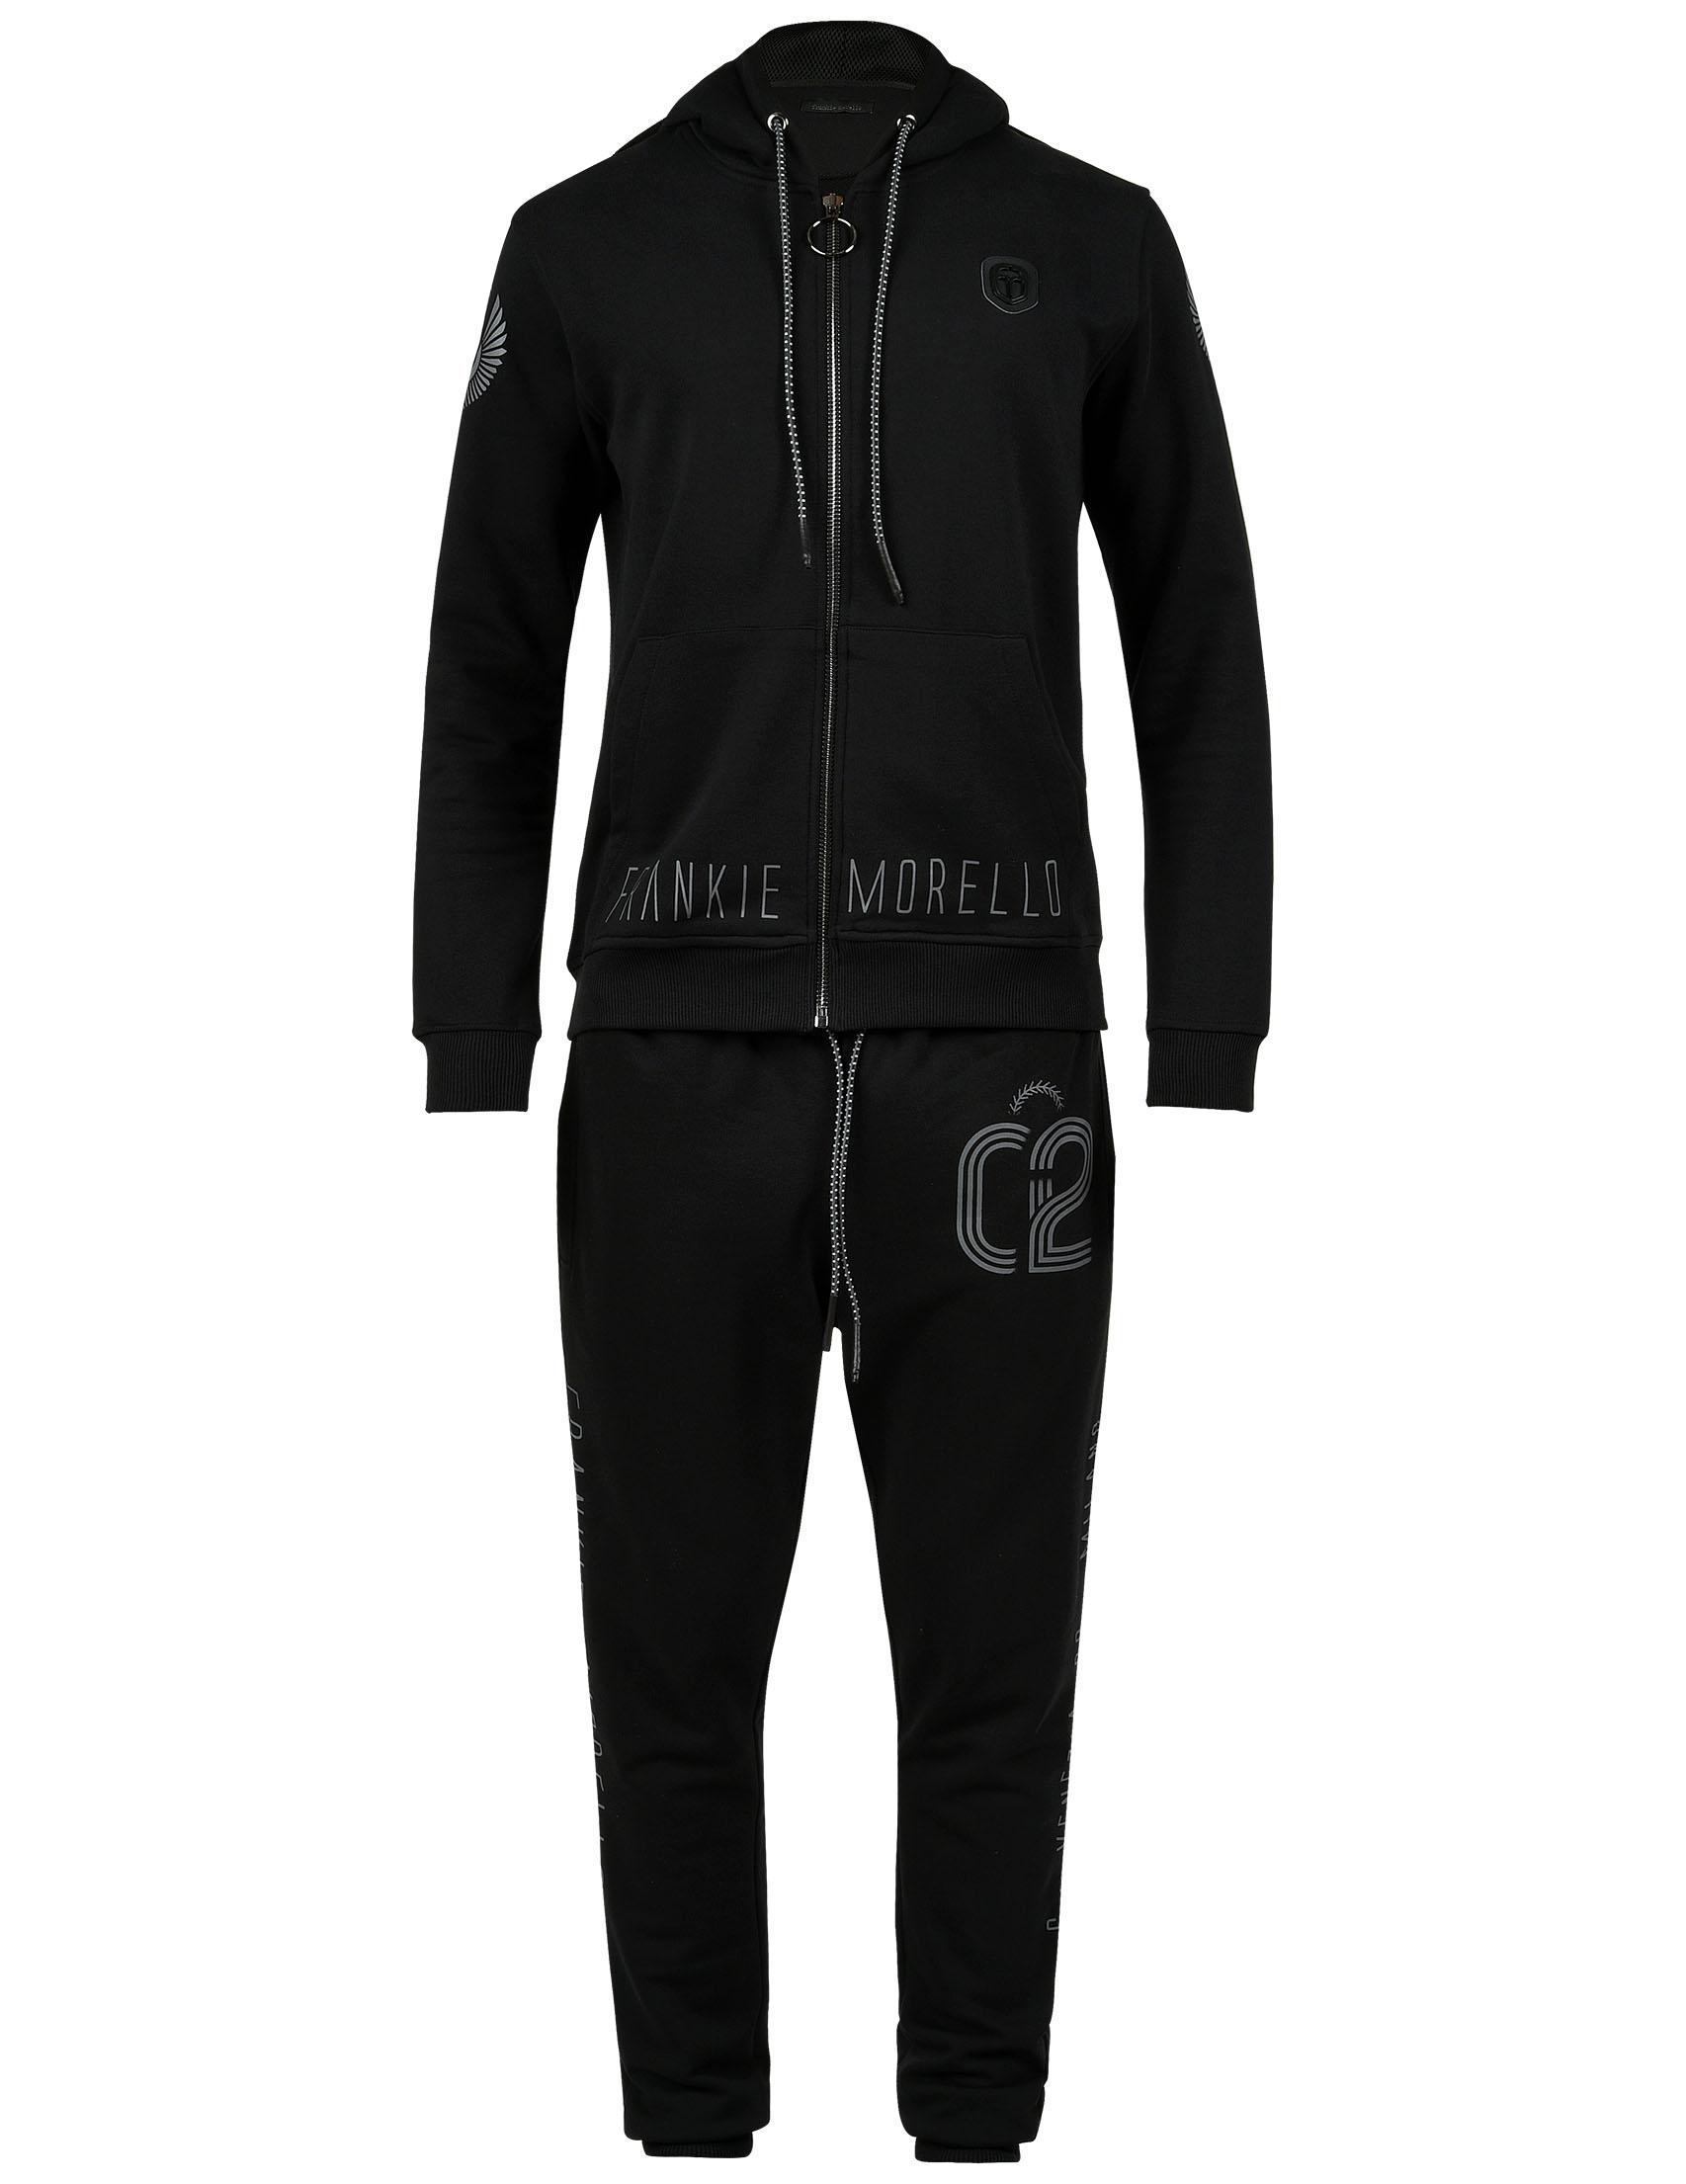 Купить Спортивный костюм, FRANKIE MORELLO, Черный, 100%Хлопок, Осень-Зима